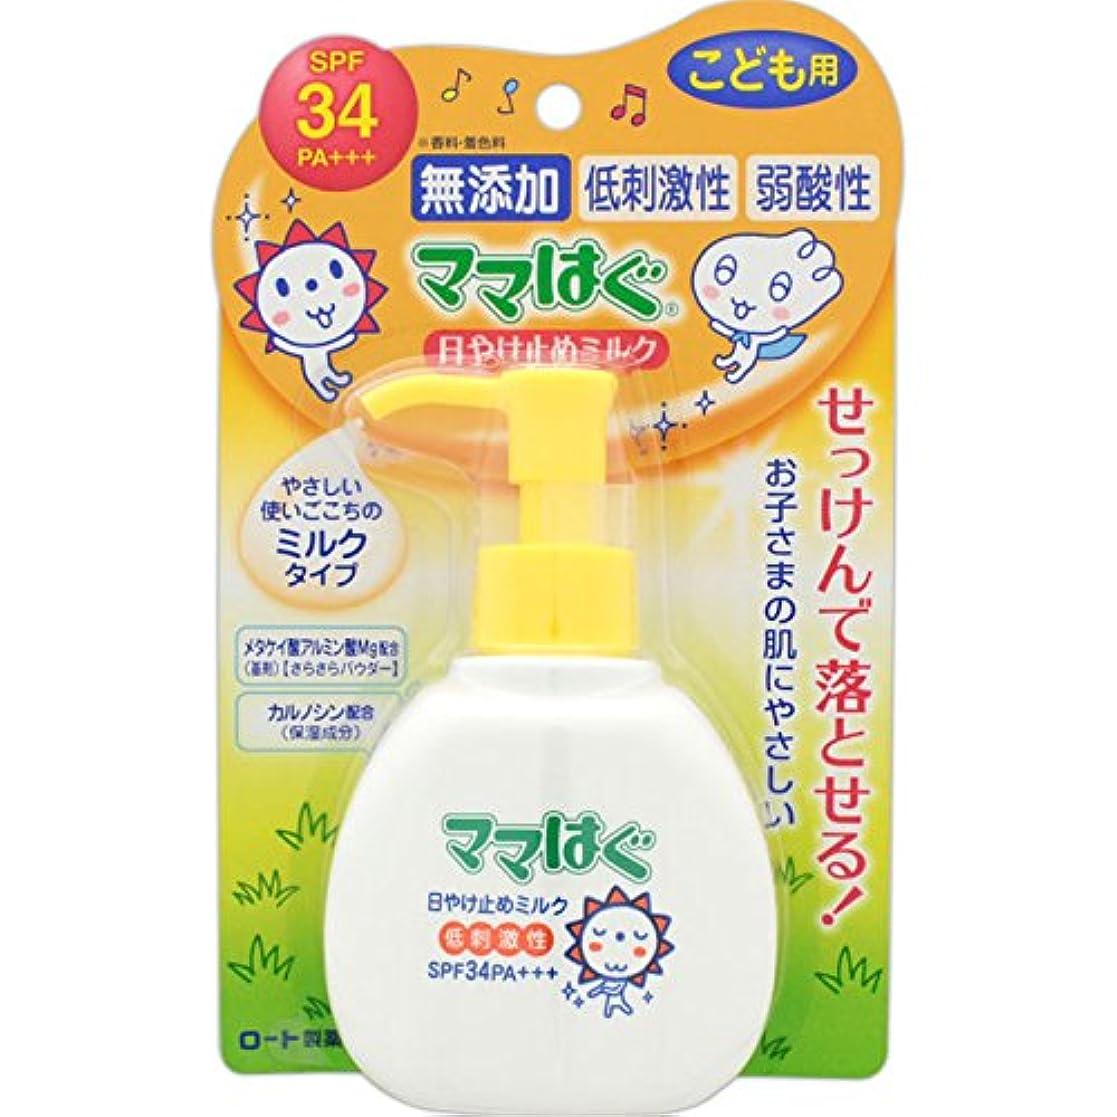 規定間違いベットロート製薬 ママはぐ 無添加 低刺激性日やけ止めミルク SPF34 PA+++ 100g